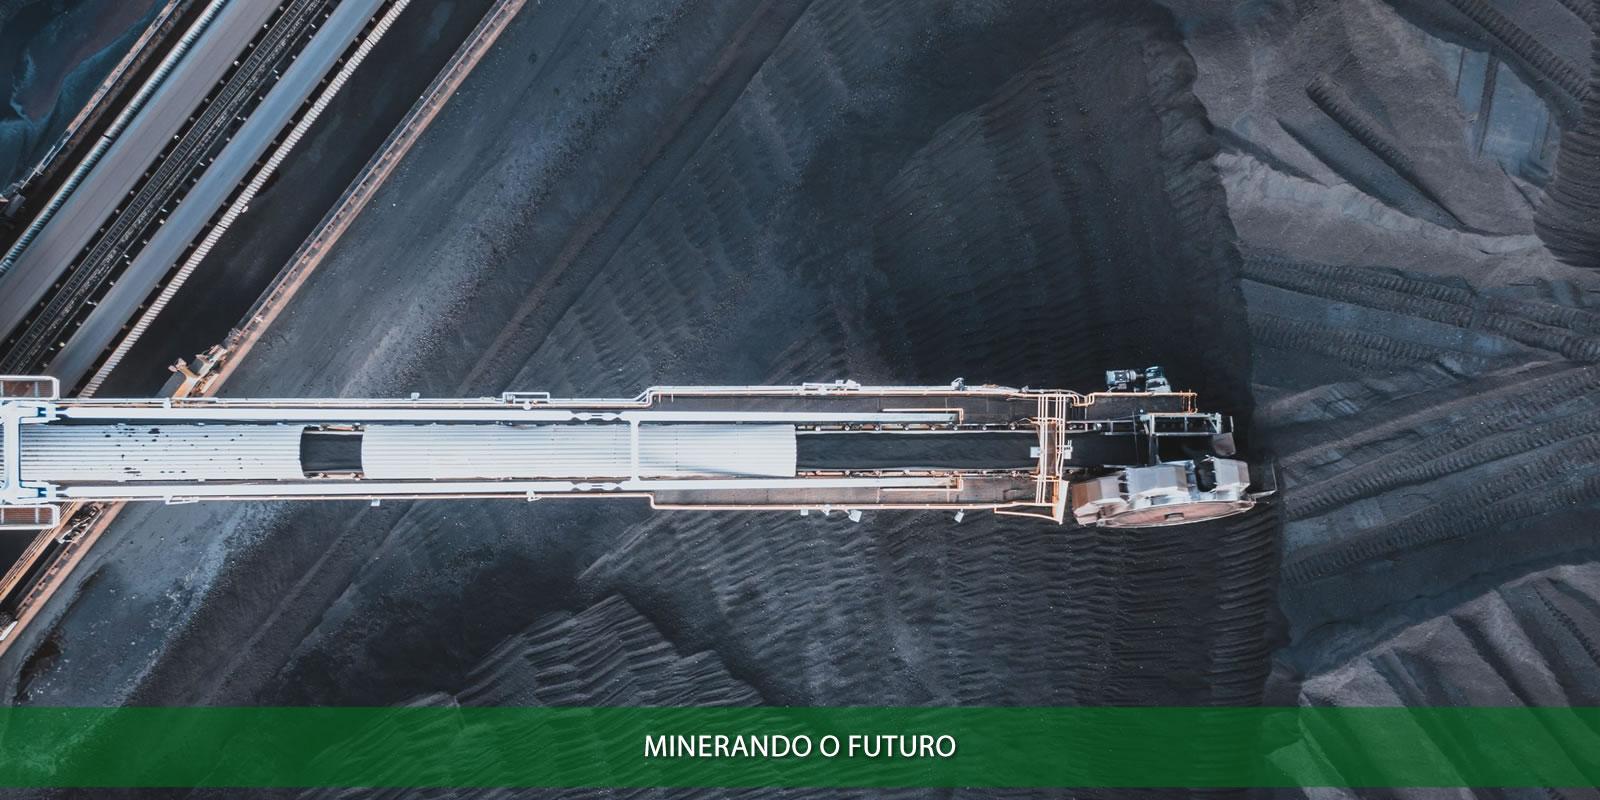 Minerando o futuro